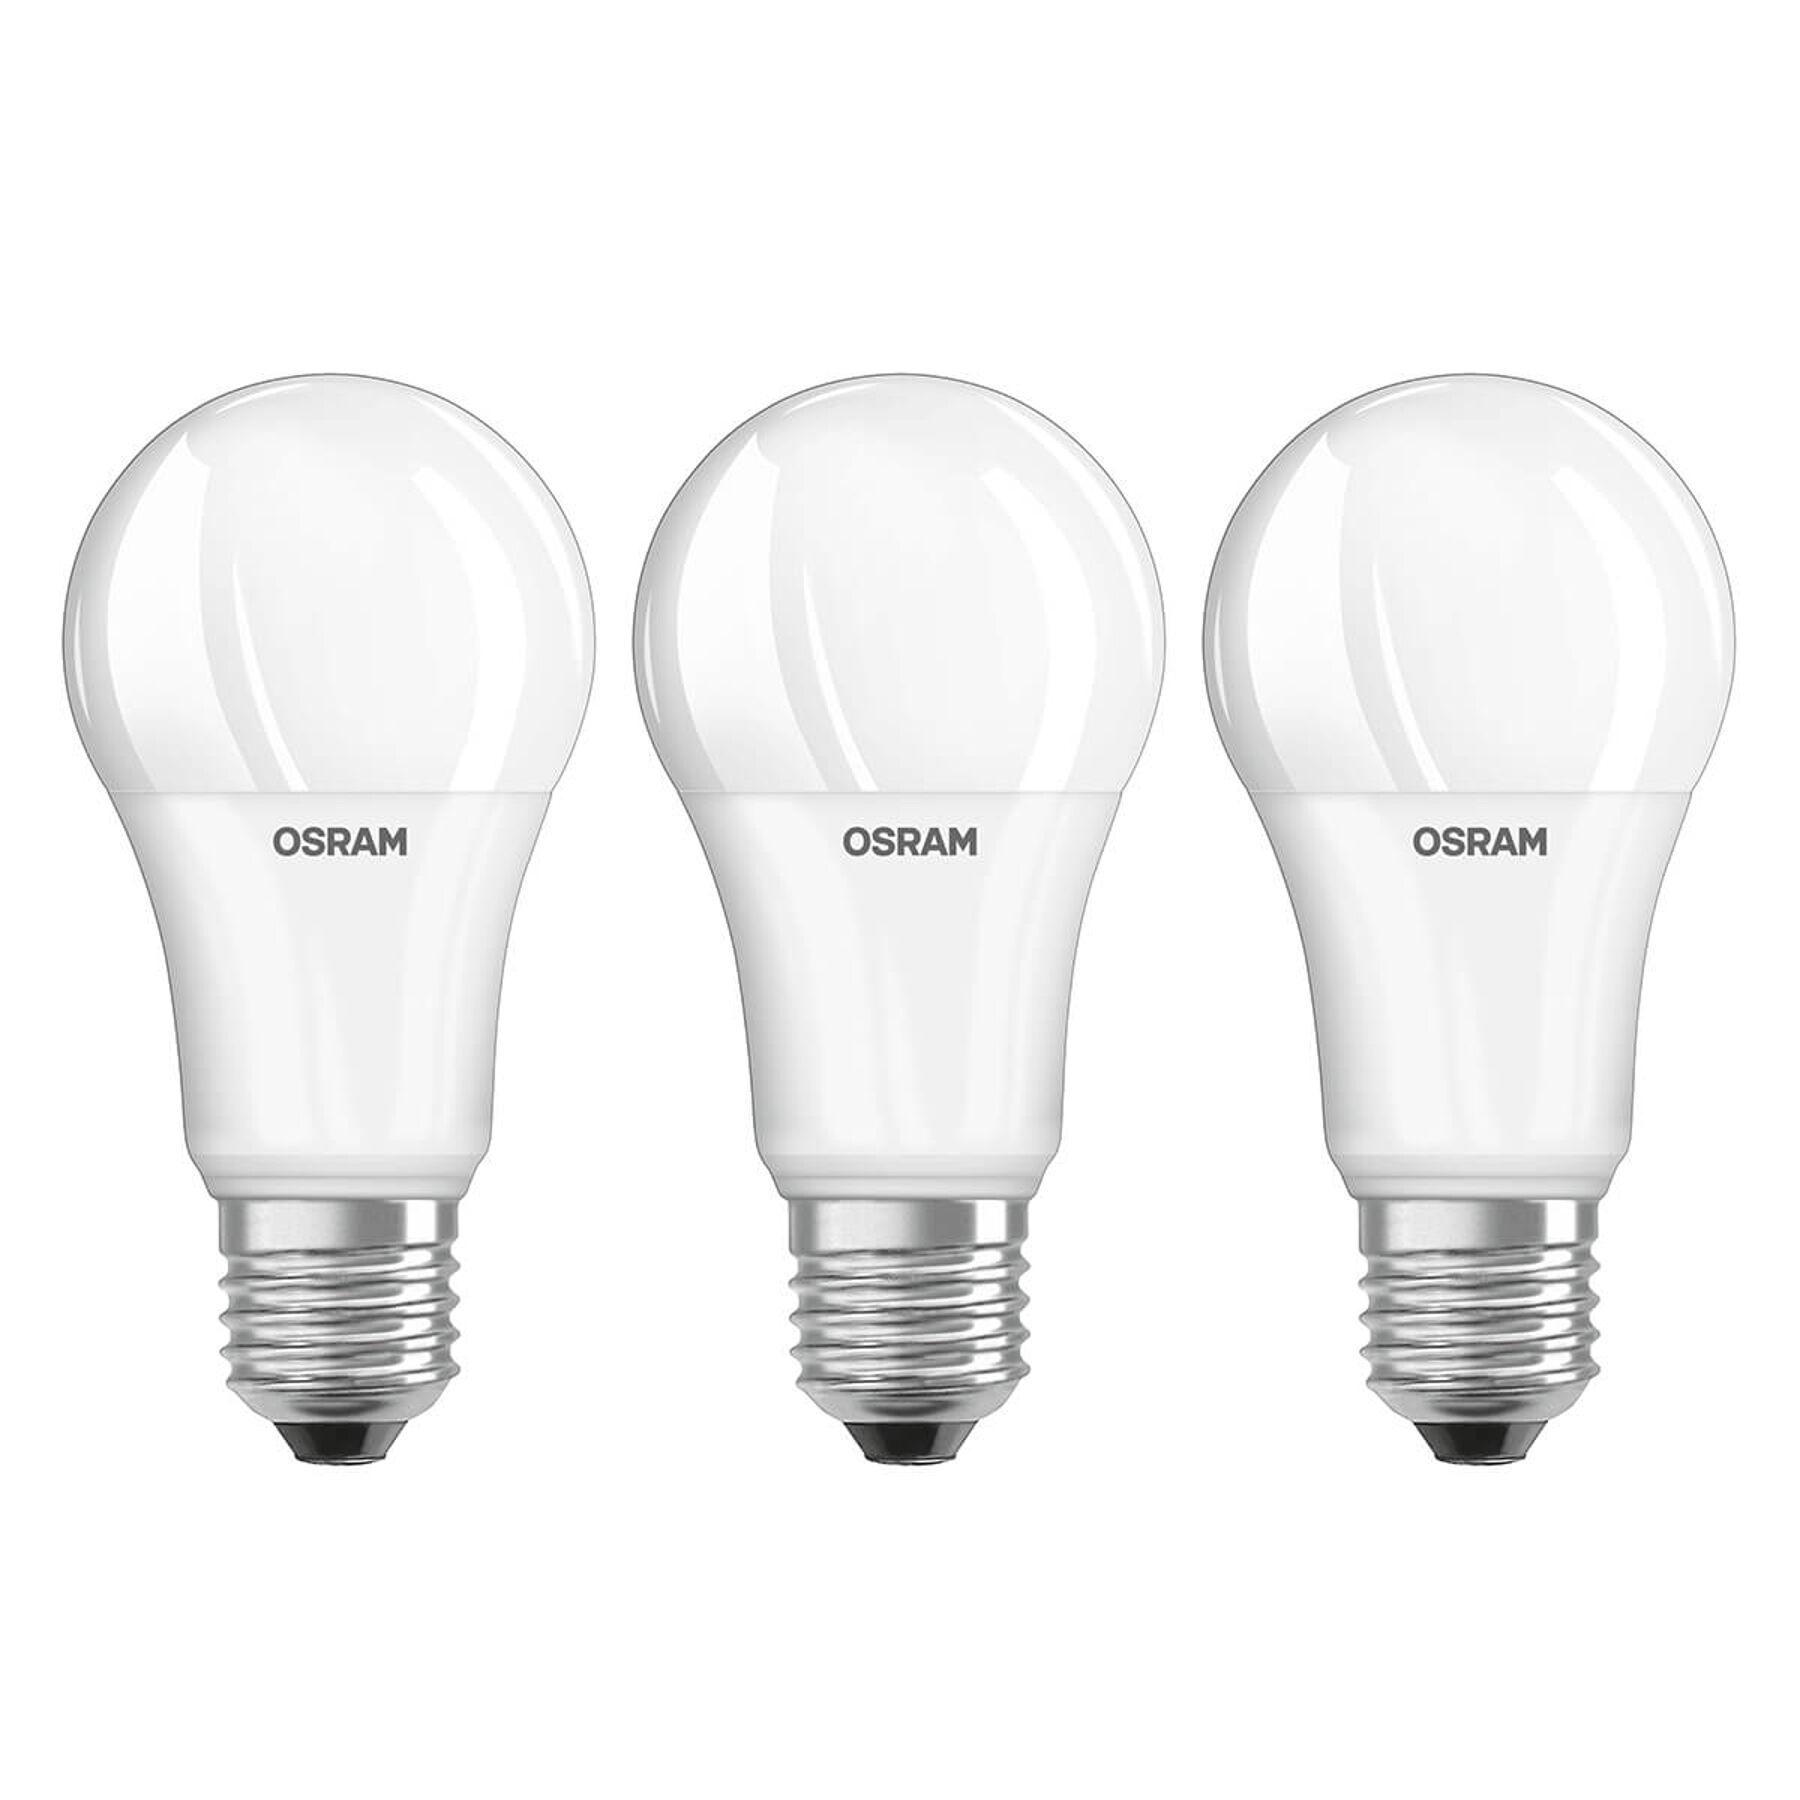 OSRAM LED-lampa E27 13W, universalvit, 3-pack